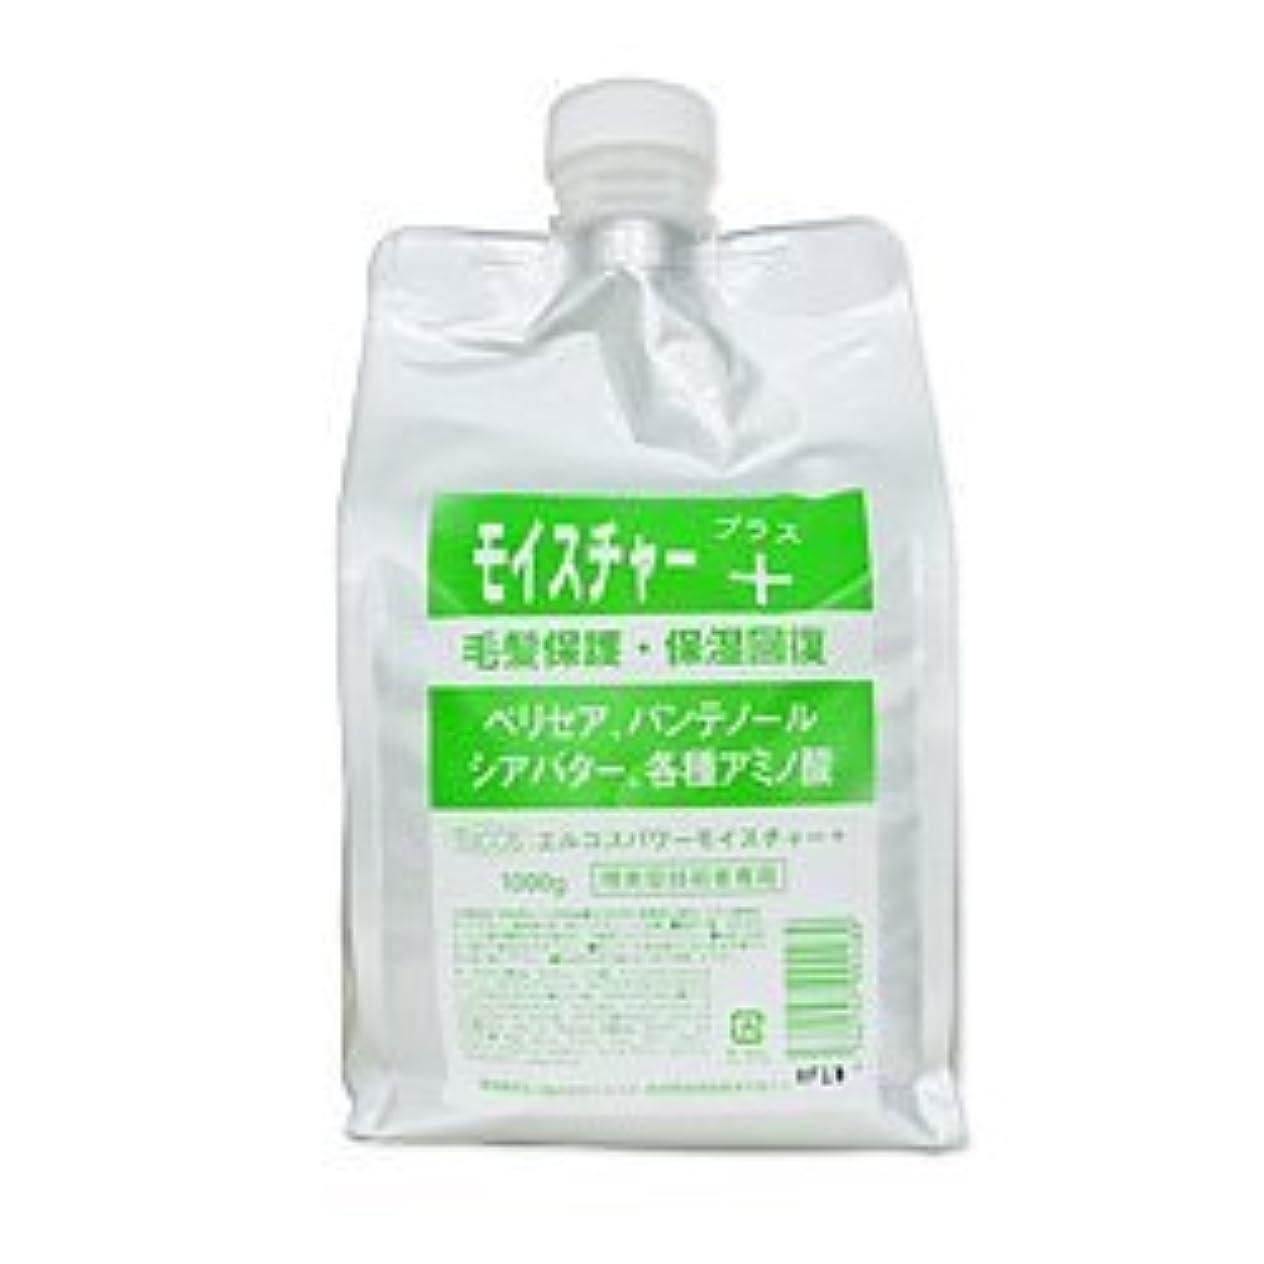 成熟したキュービックイルエルコス パワー モイスチャー+ 1000g(詰替用)(トリートメント)